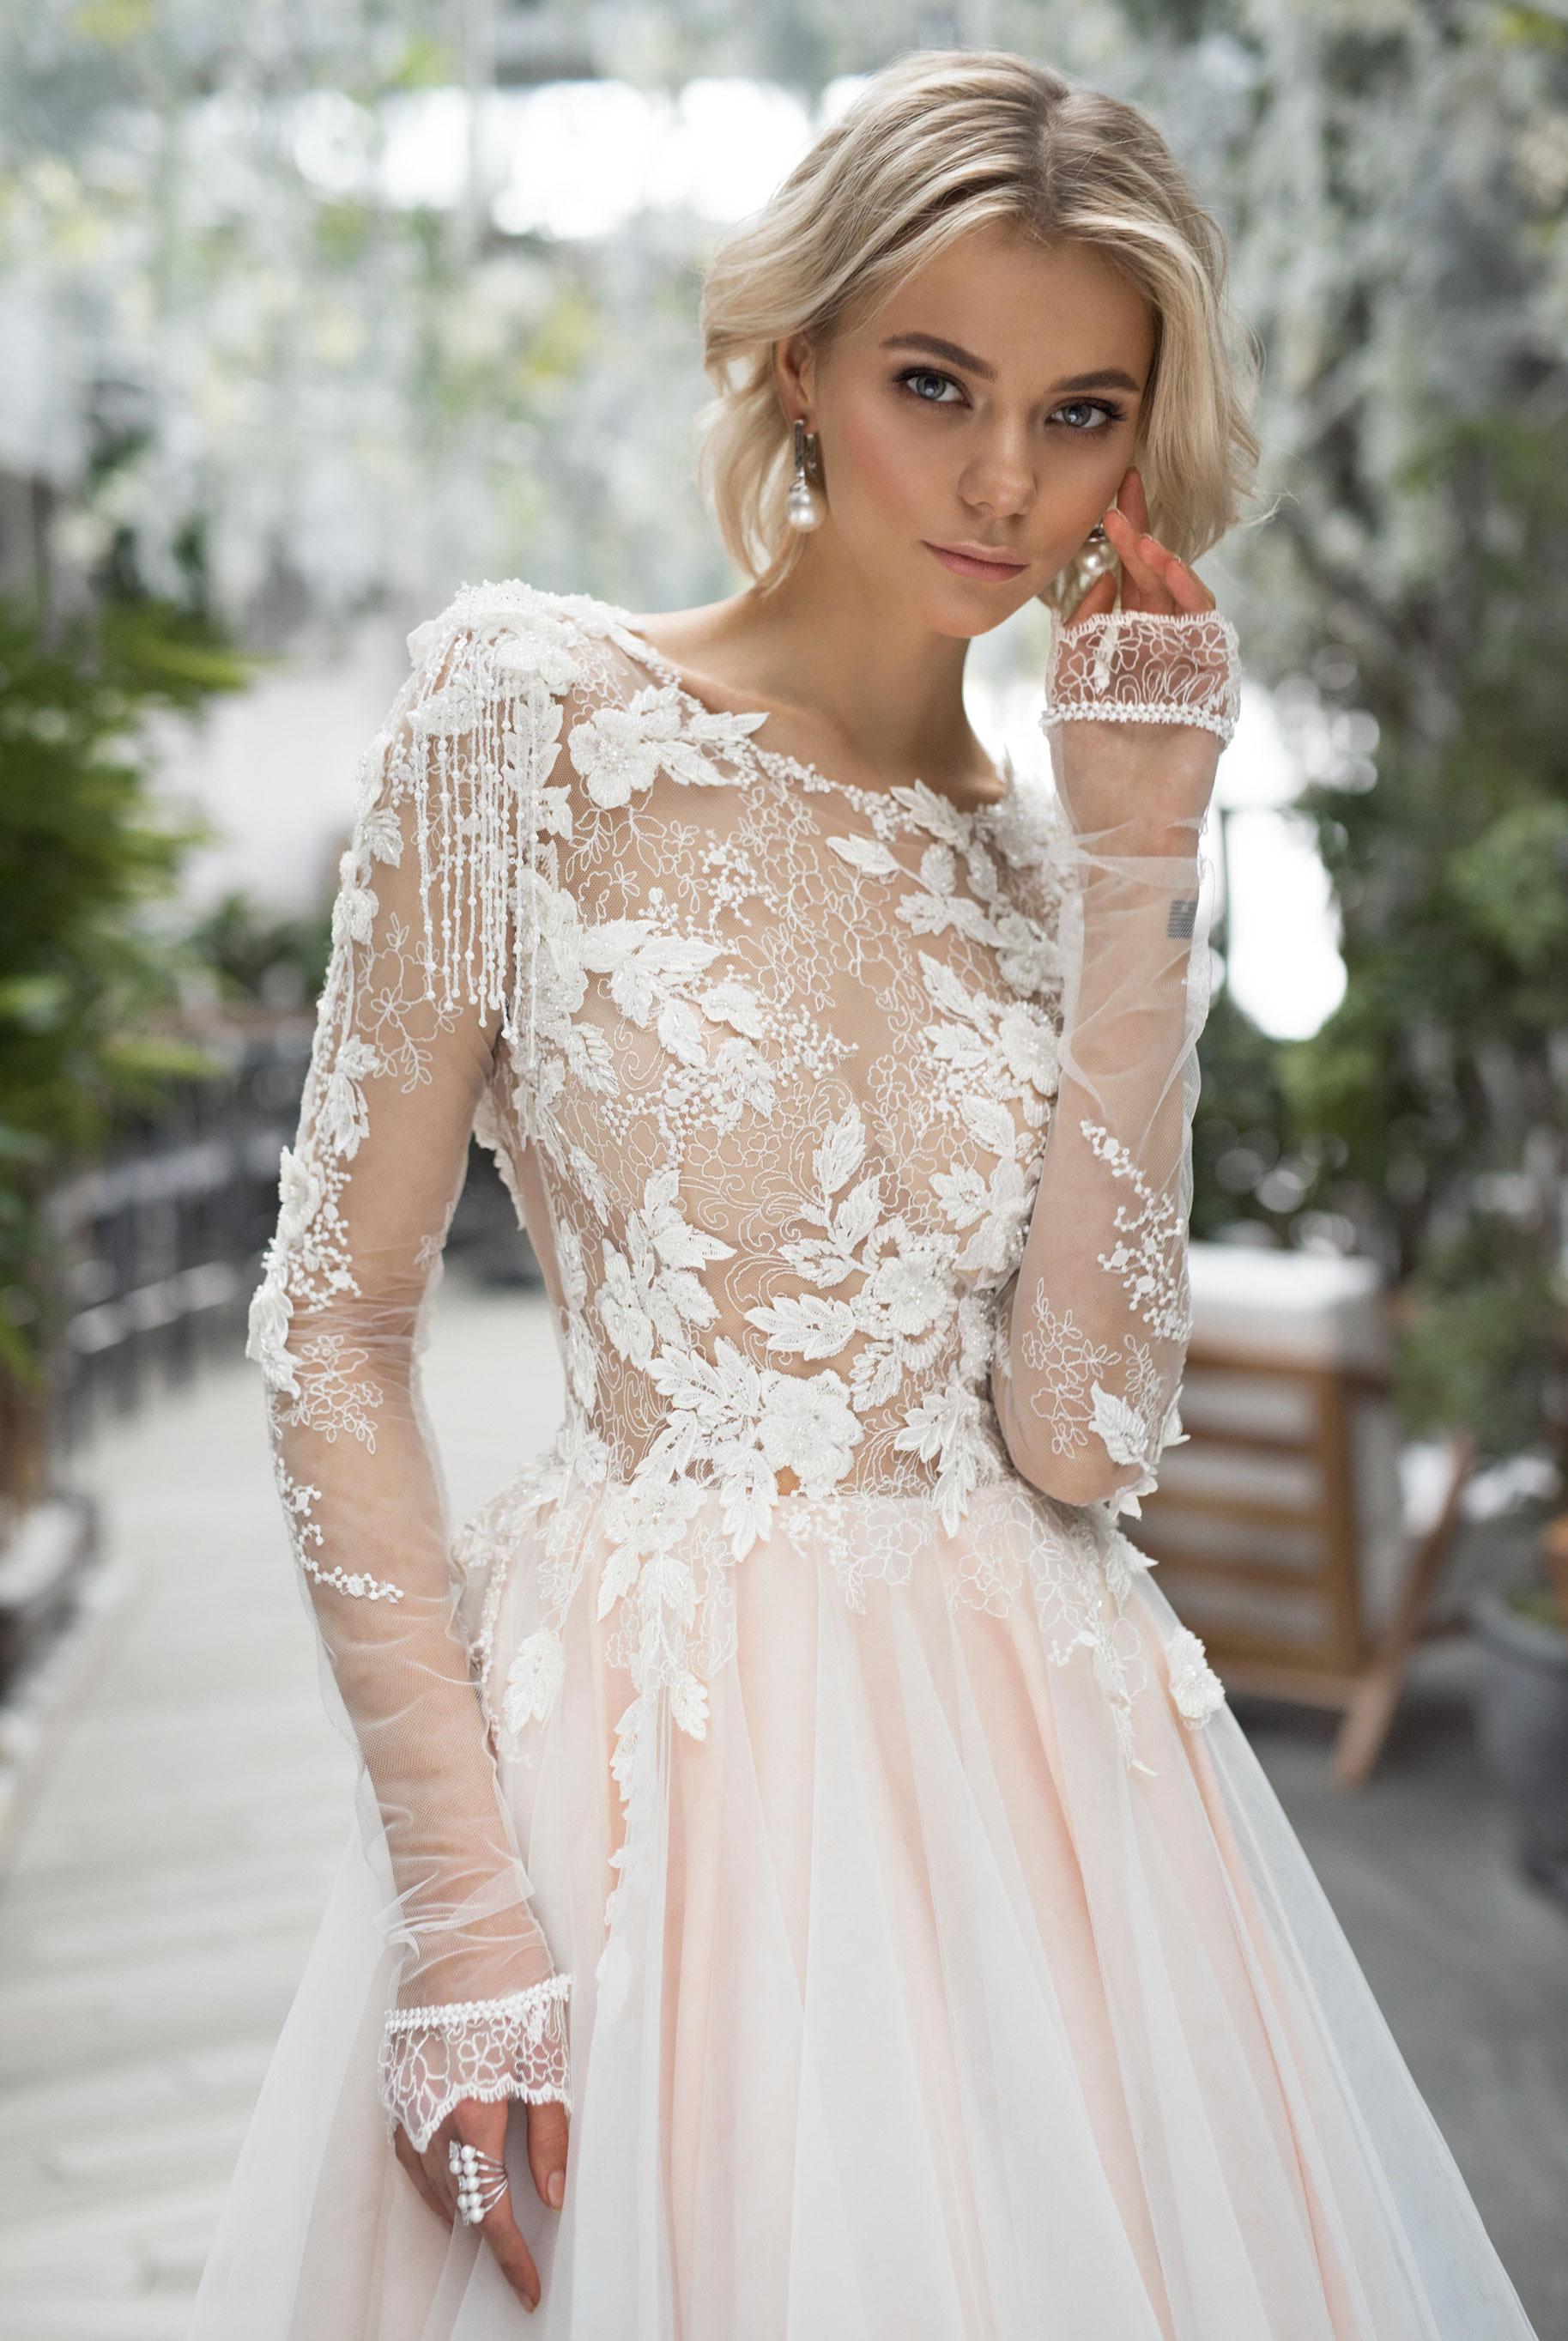 Полина Архипова в свадебных платьях модного бренда Strekoza, весна-лето 2019 / фото 07